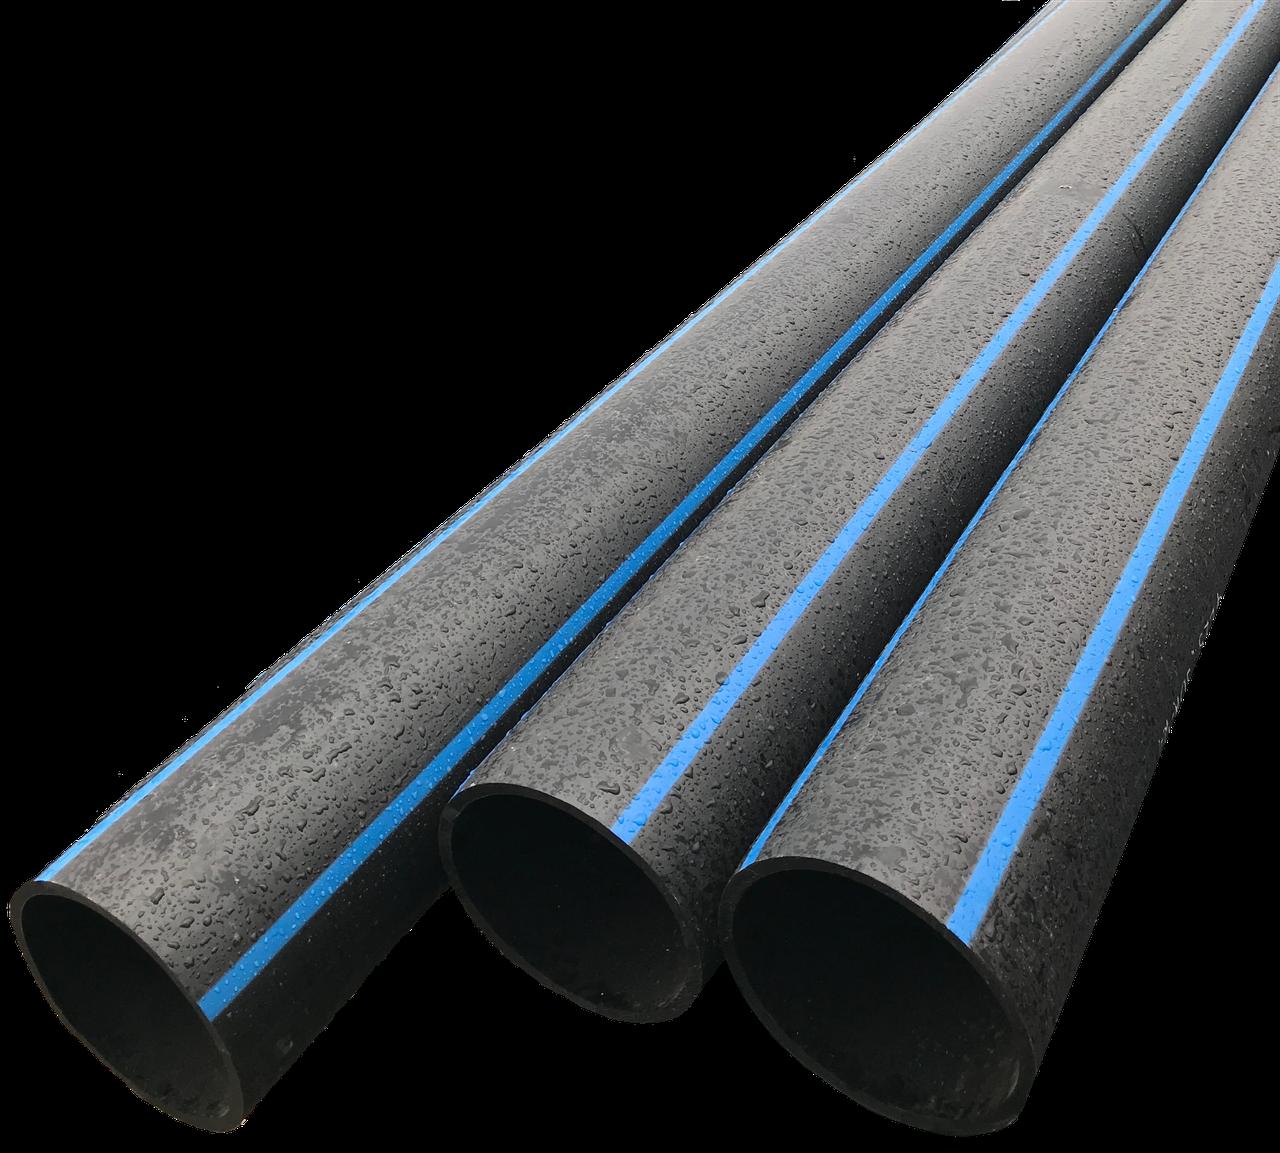 Труба поліетиленова ПЕ техн d125х6мм SDR 21